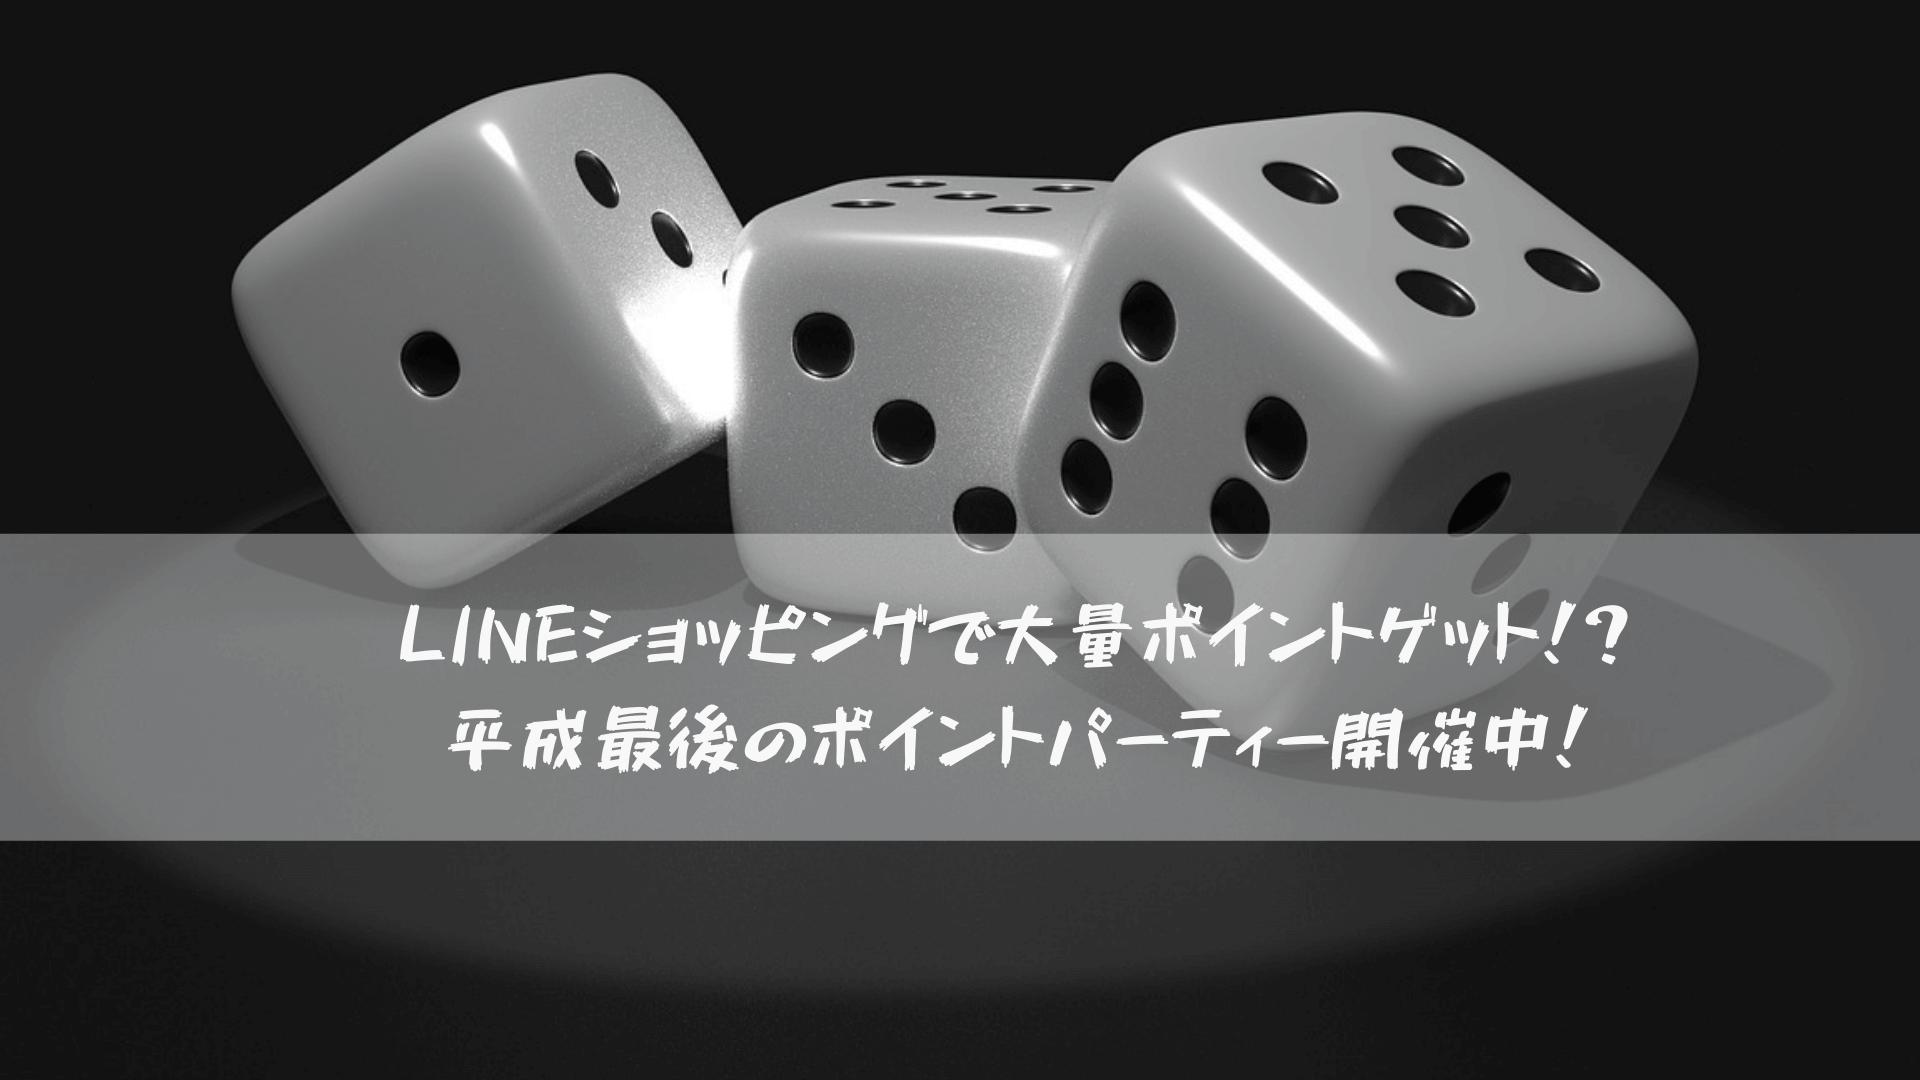 LINEショッピングで大量ポイントゲット!?平成最後のポイントパーティー開催中!